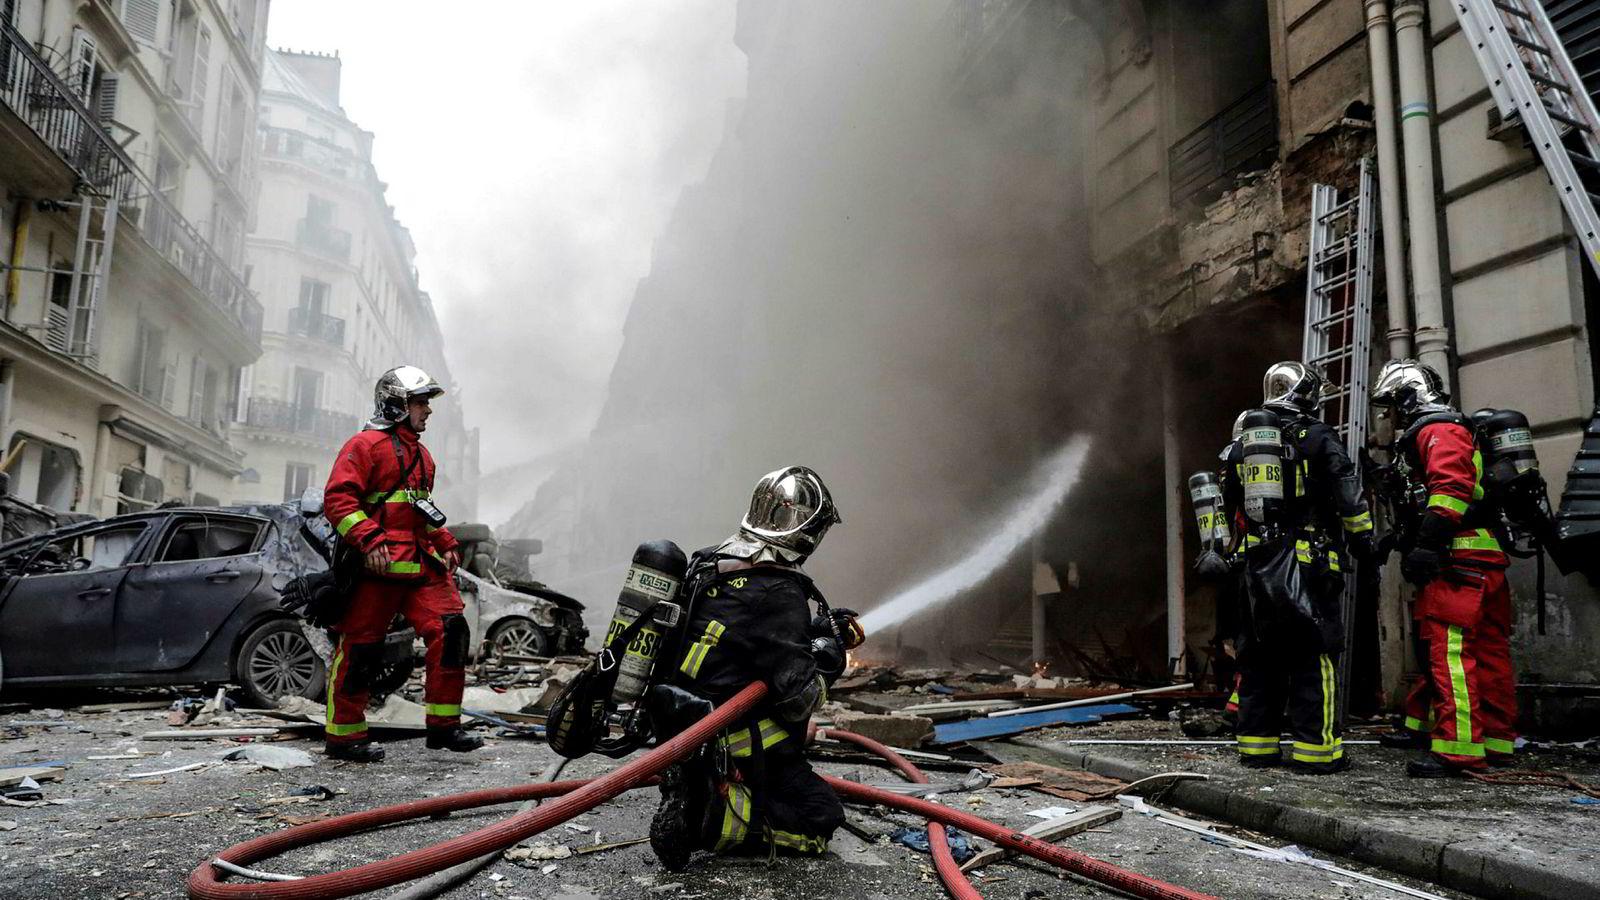 Brannvesen slukker flammer etter en eksplosjon i et bakeri i sentrum av Paris.